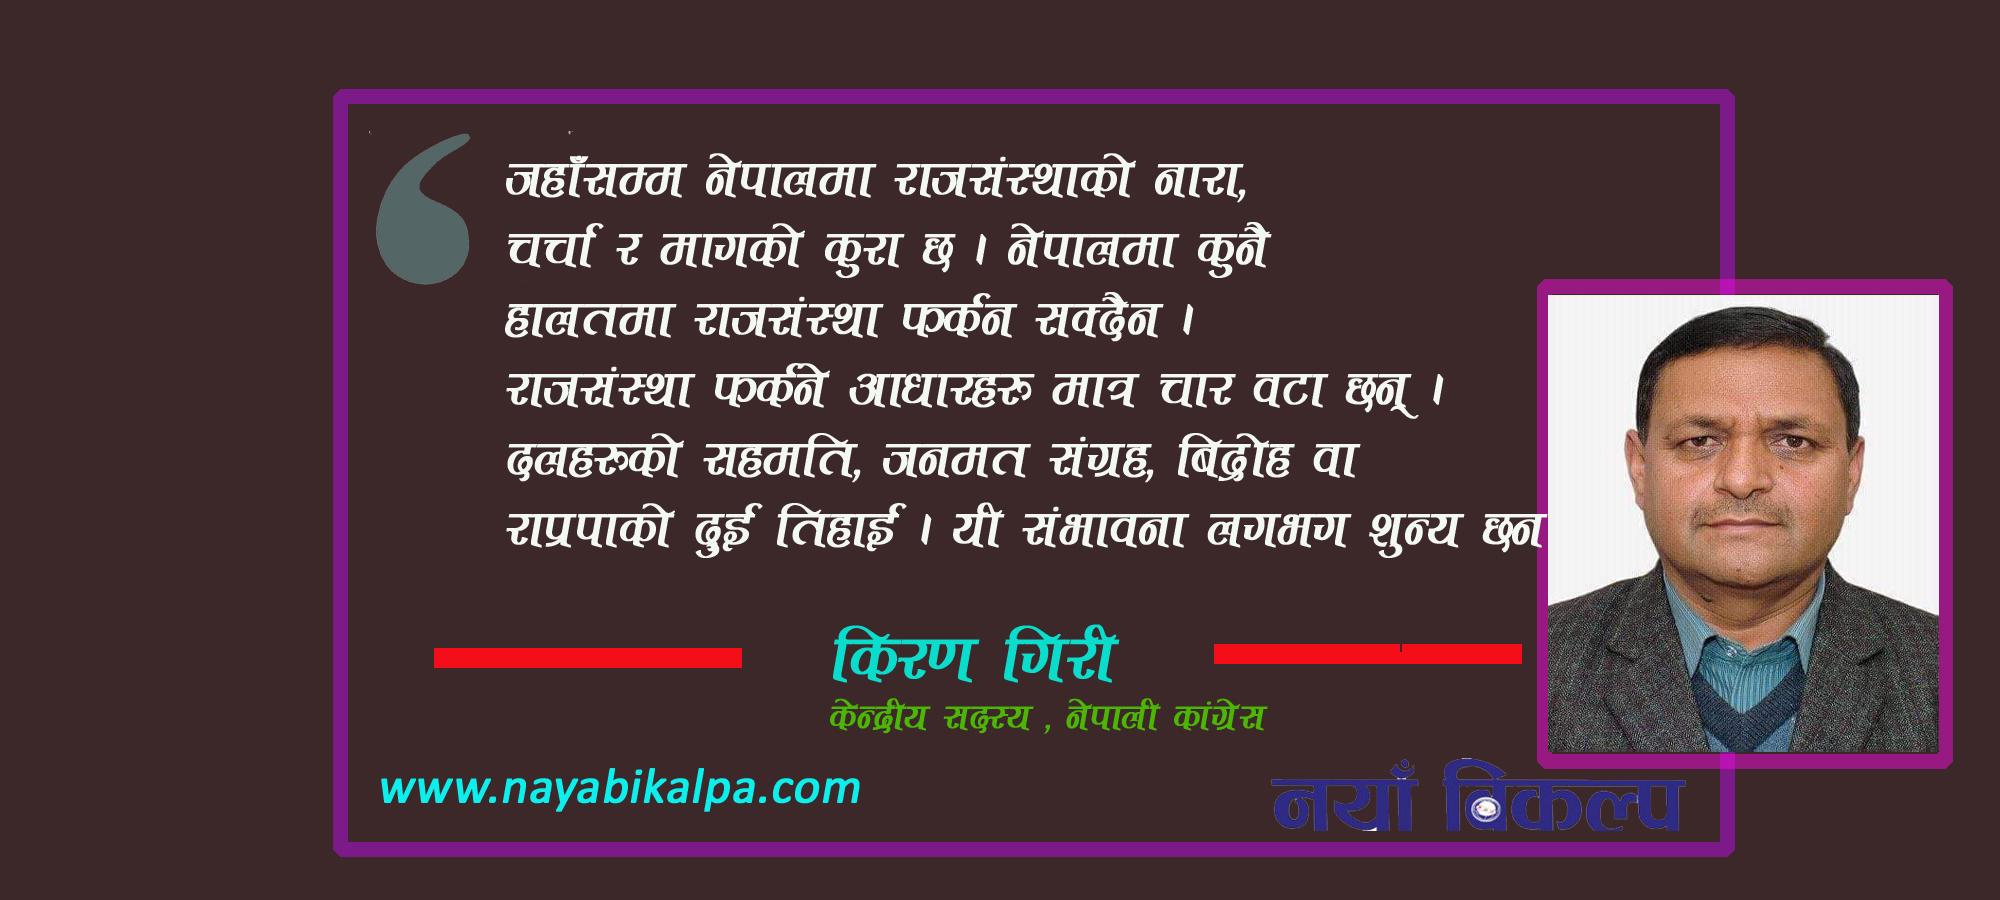 नेपालमा राजसंस्था फर्कने नसक्ने  आधार र तथ्यहरु !